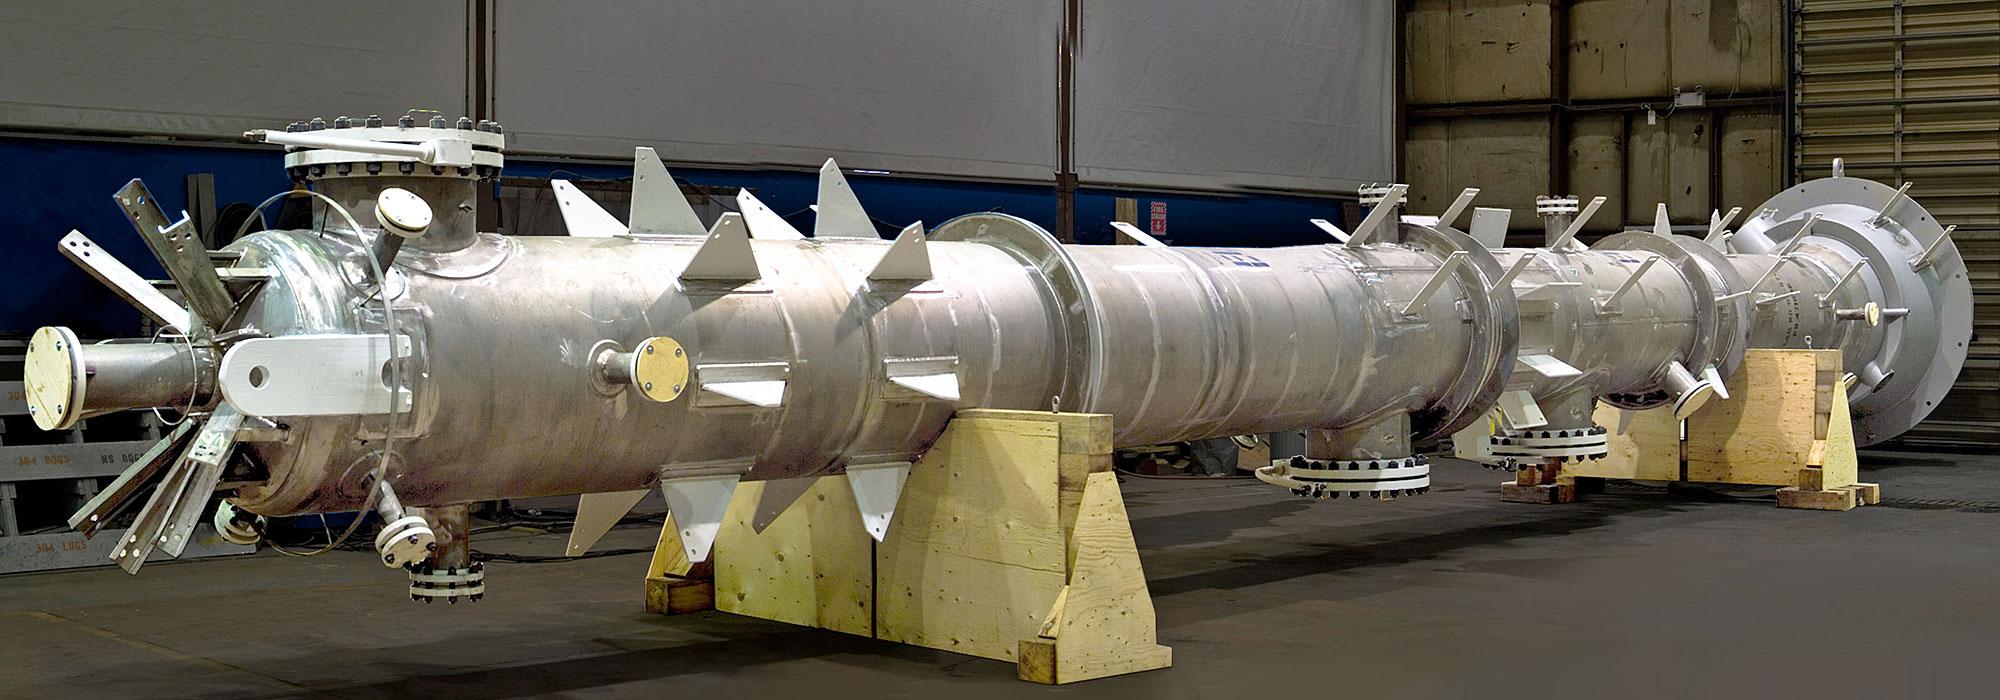 titanium tower by Ellett Industries